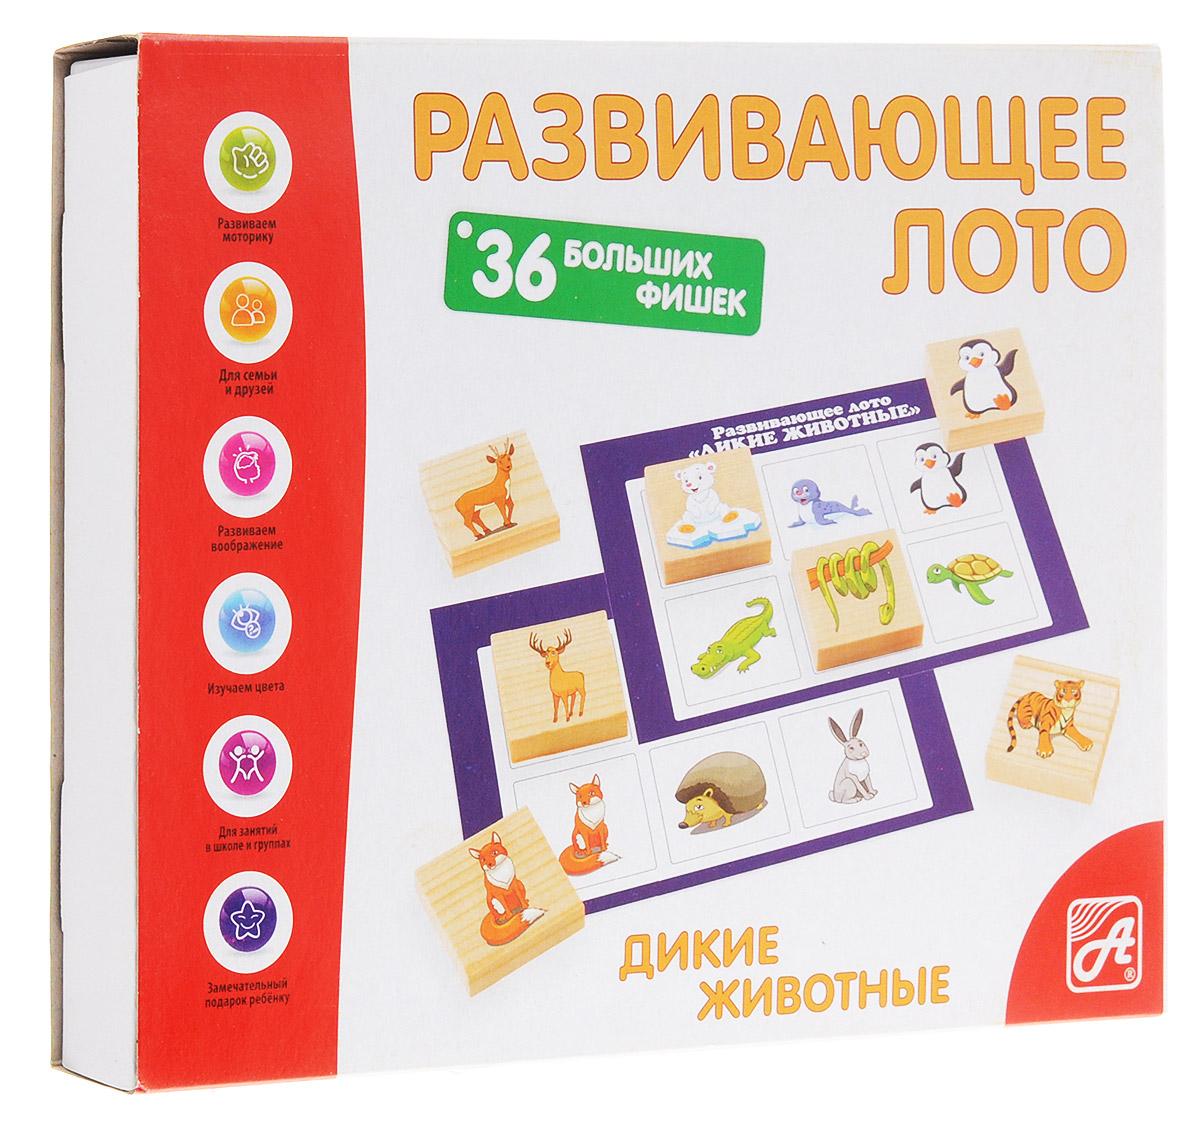 Развивающие деревянные игрушки Лото Дикие животные игрушки для детей